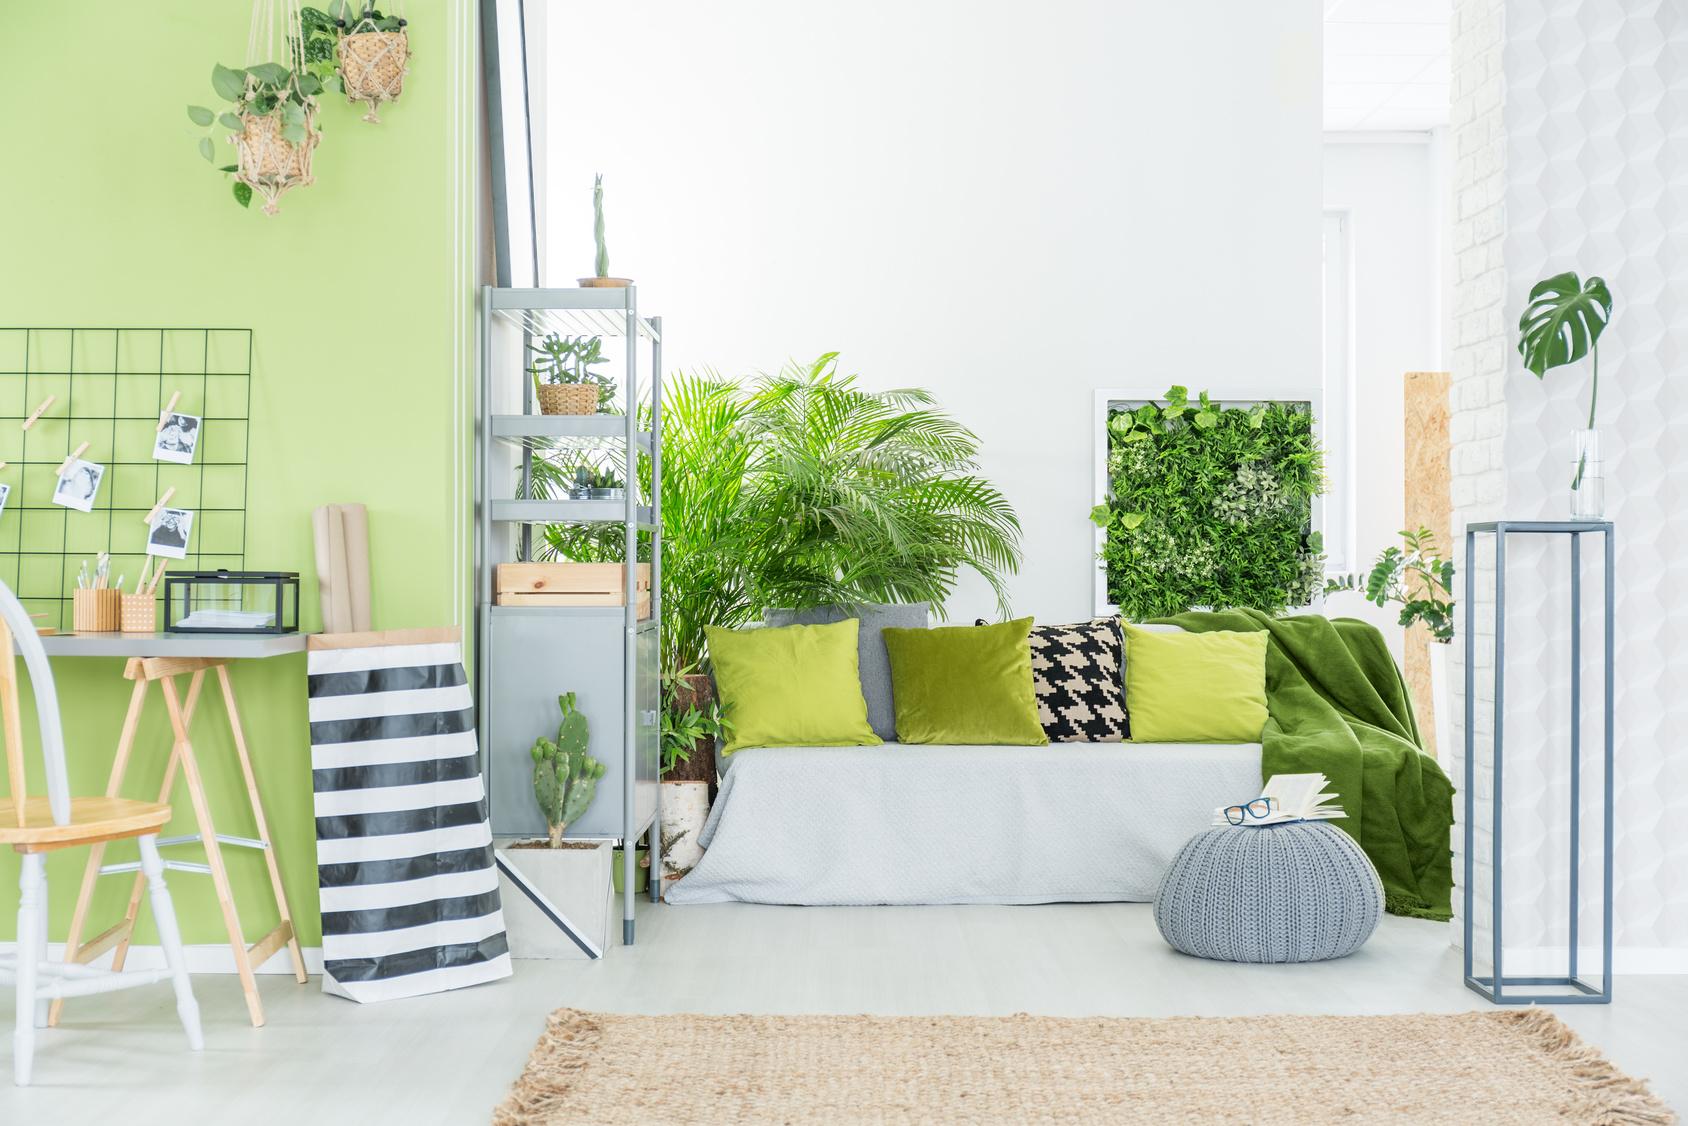 rośliny zielone we wnętrzu